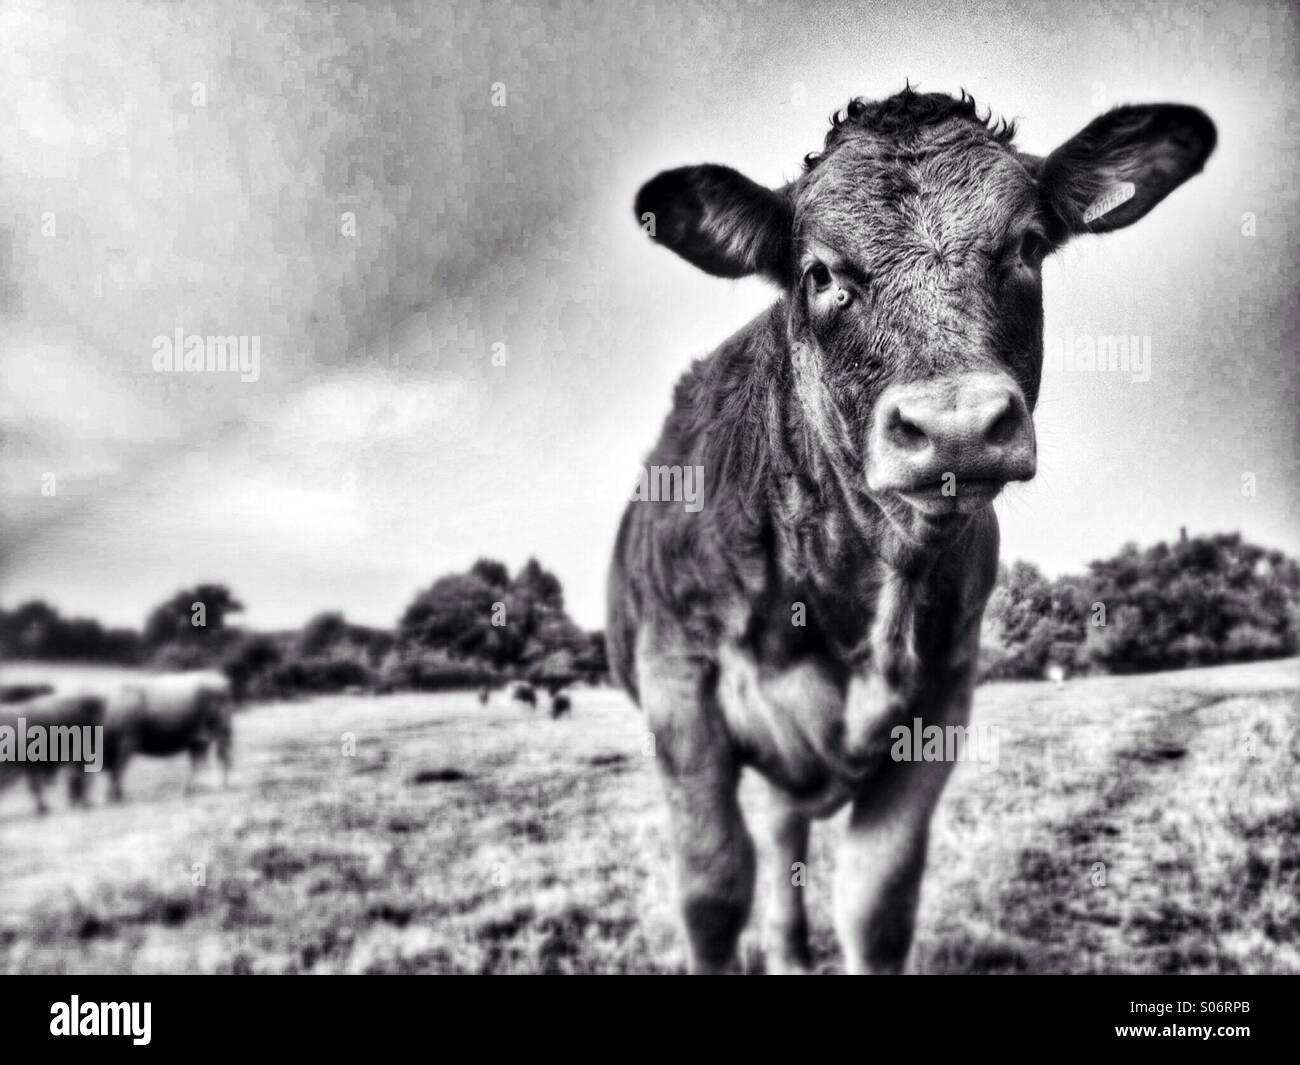 Immagine in bianco e nero di un vitello giovane fissando nella fotocamera Immagini Stock